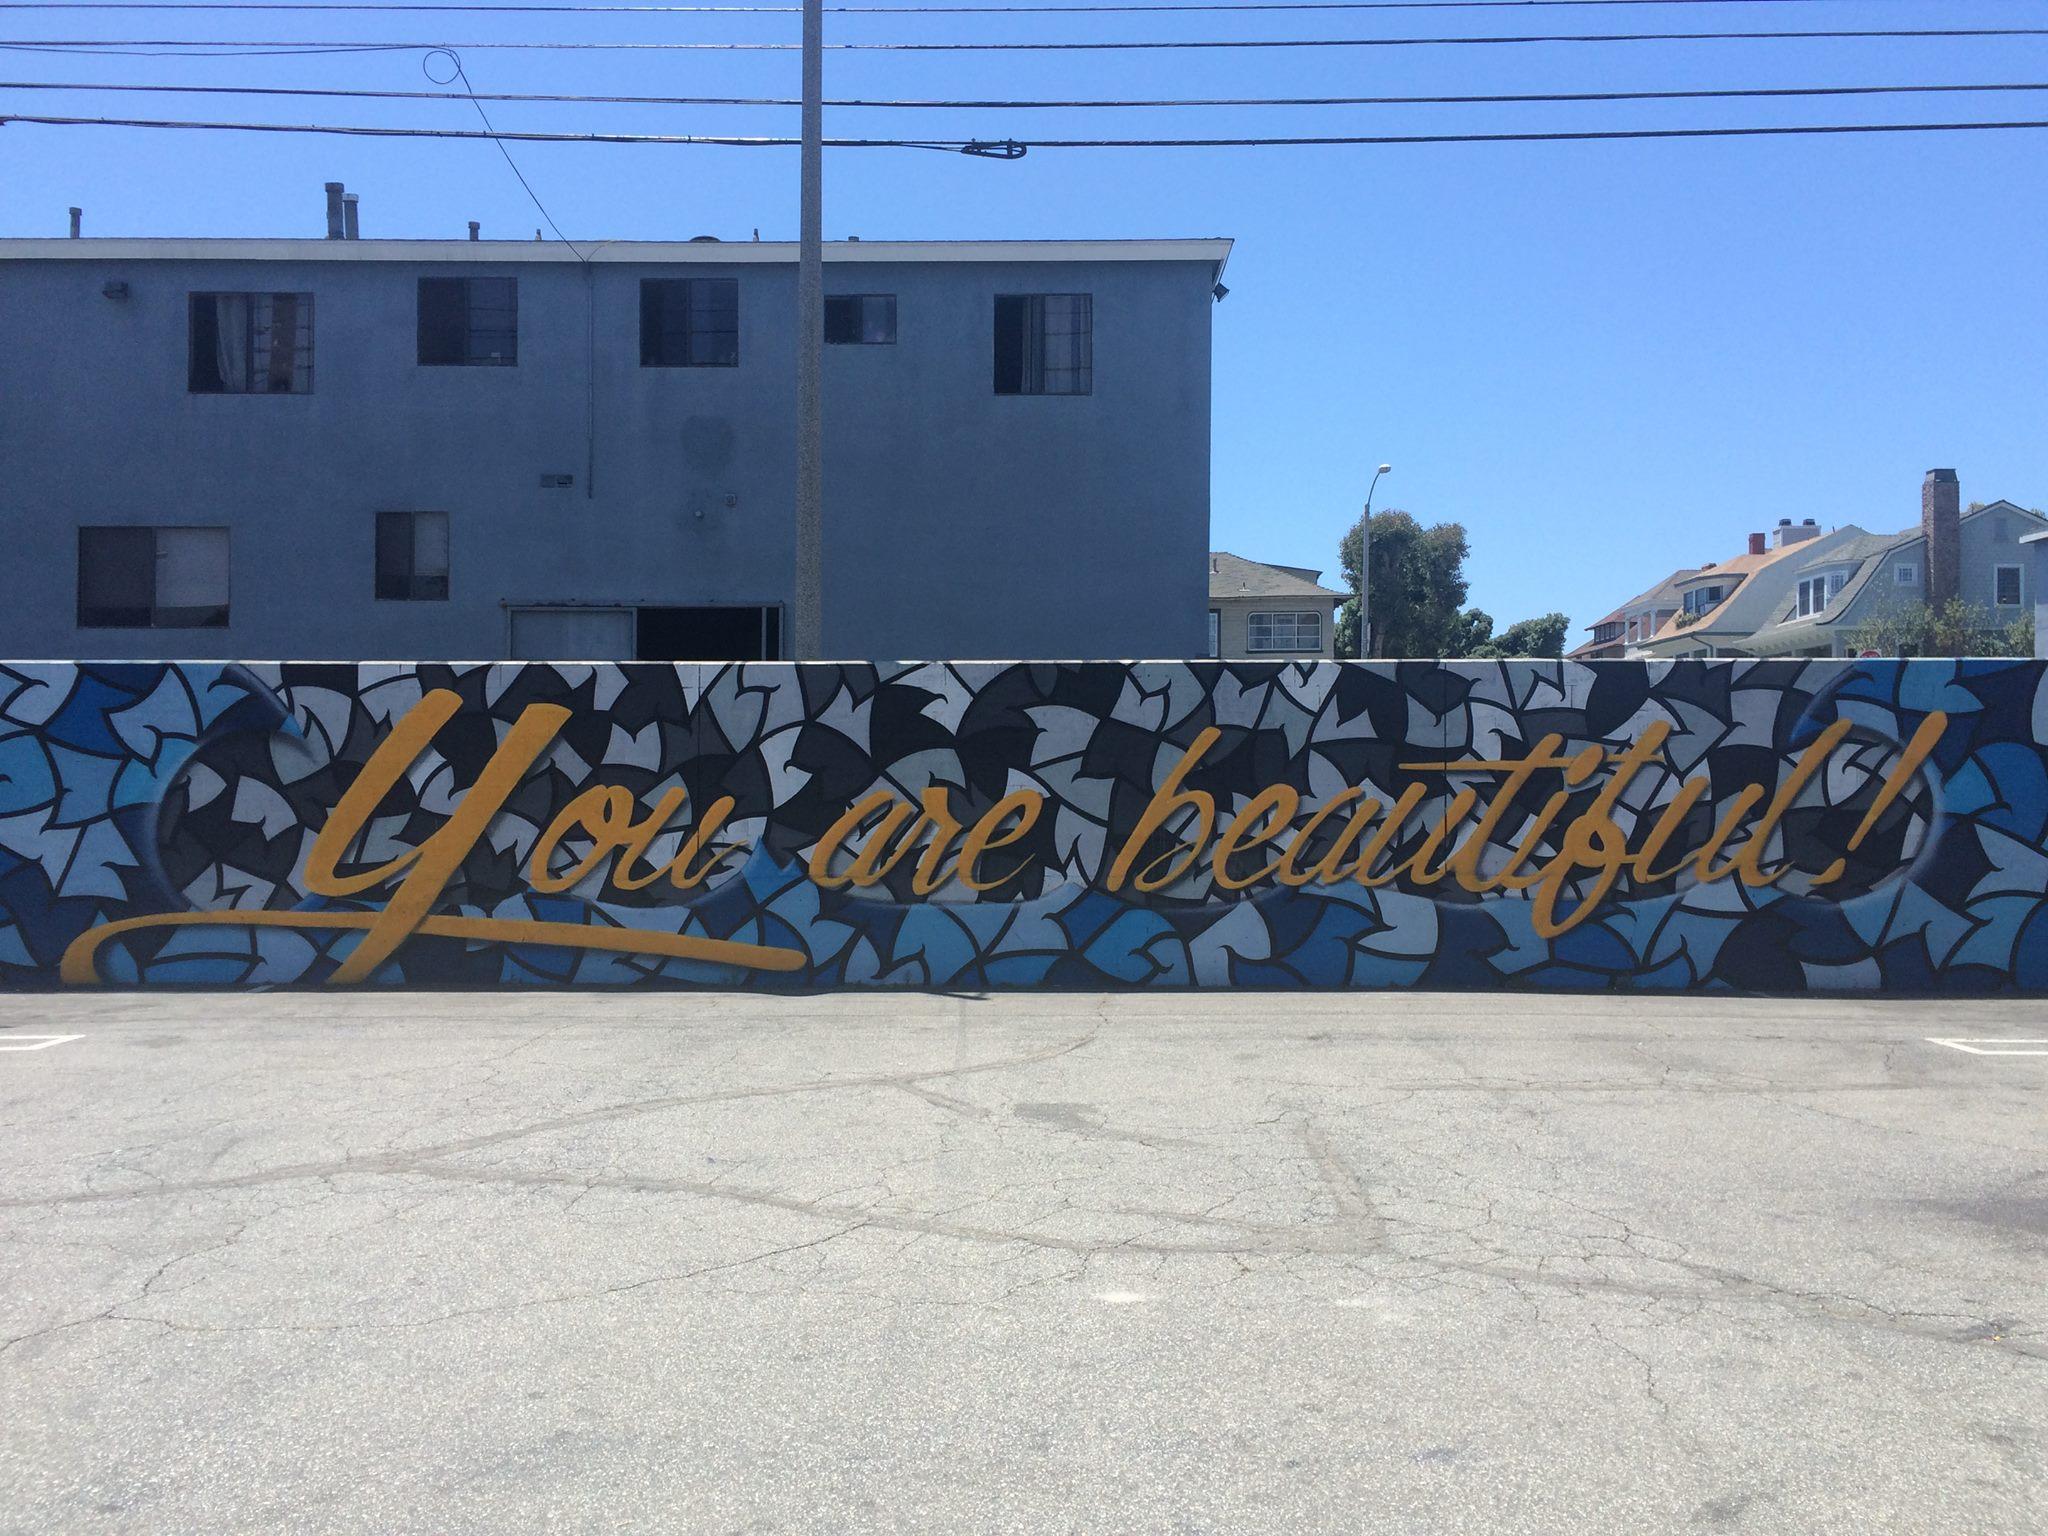 Impressionen von Santa Monica